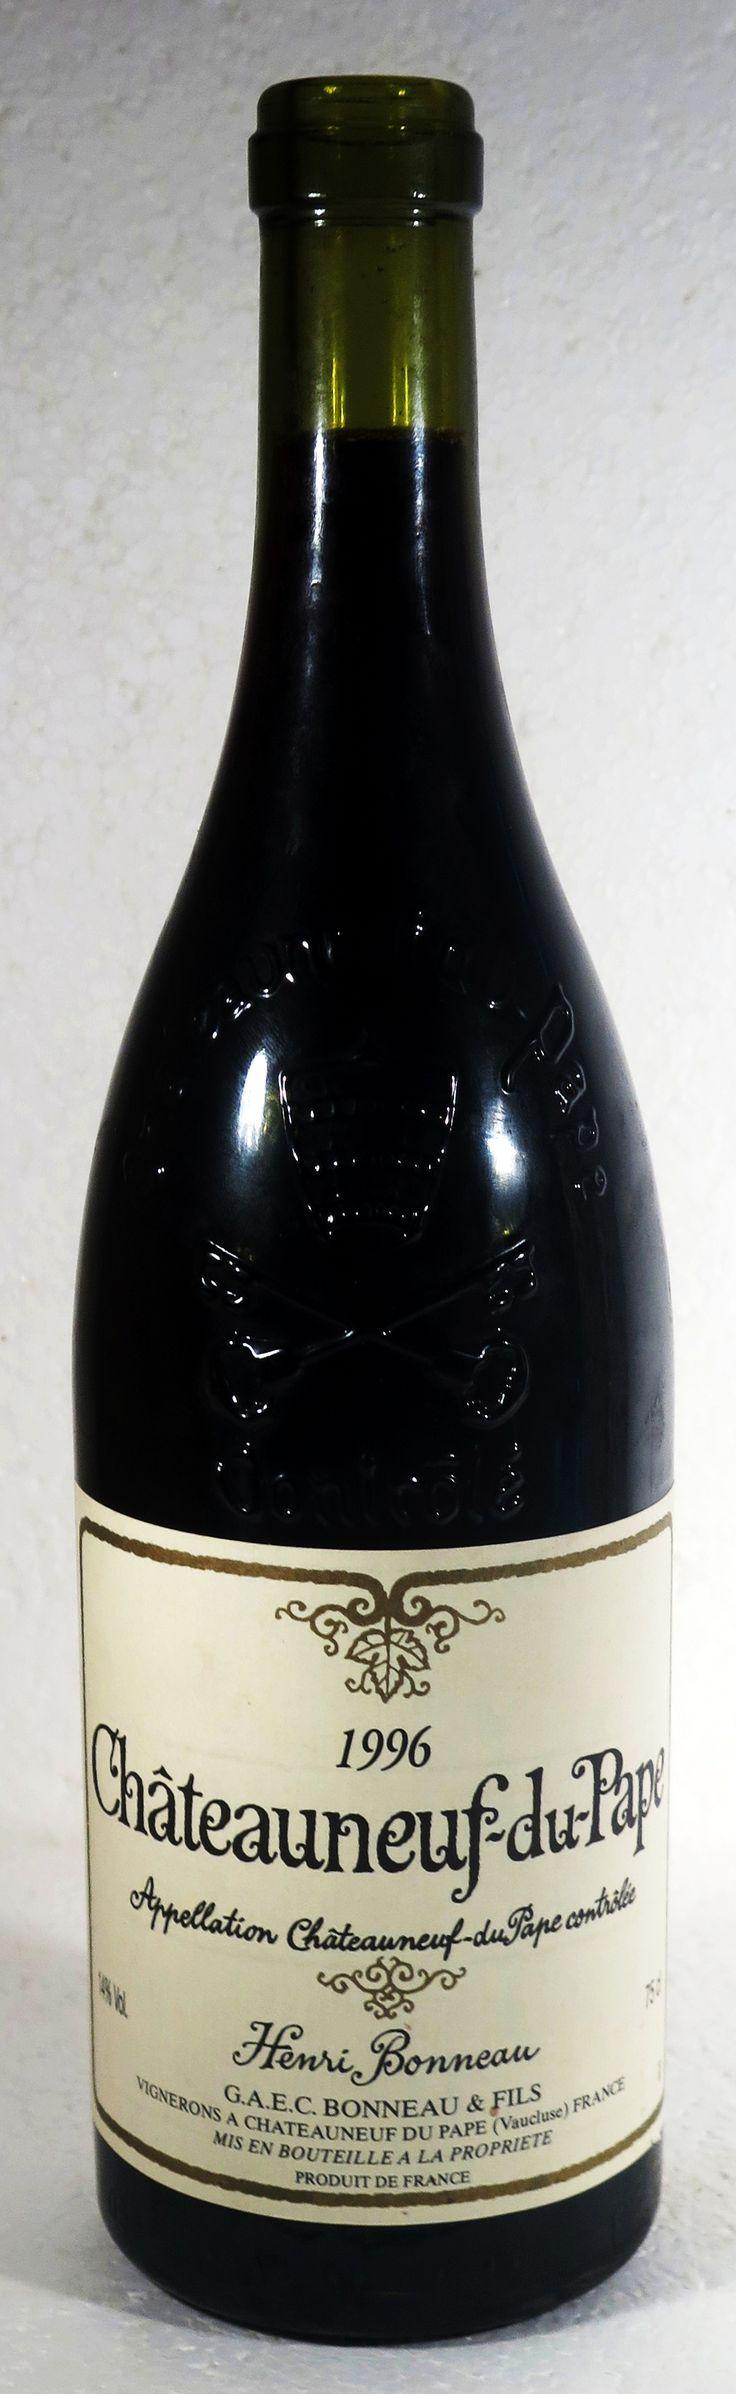 """13. Juni 2016 - Domaine Henri Bonneau: Châteauneuf-du-Pape 1996, Rhone, Frankreich -- Henri Bonneau – kürzlich gestorben – ist ein Spitzenwinzer von der Rhone, seine Weine sind Kult: «Henri Bonneau gehörte zu den legendären, traditionellen Winzern Frankreichs und genoss weltweit einen hochangesehenen Ruf. Um seine Weine kaufen zu """"dürfen"""" bedarf es jahrelange, freundschaftliche Beziehungen», so lese ich auf «Mybestwine». Der Wein ist also nicht nur teuer, sondern vor allem rar."""